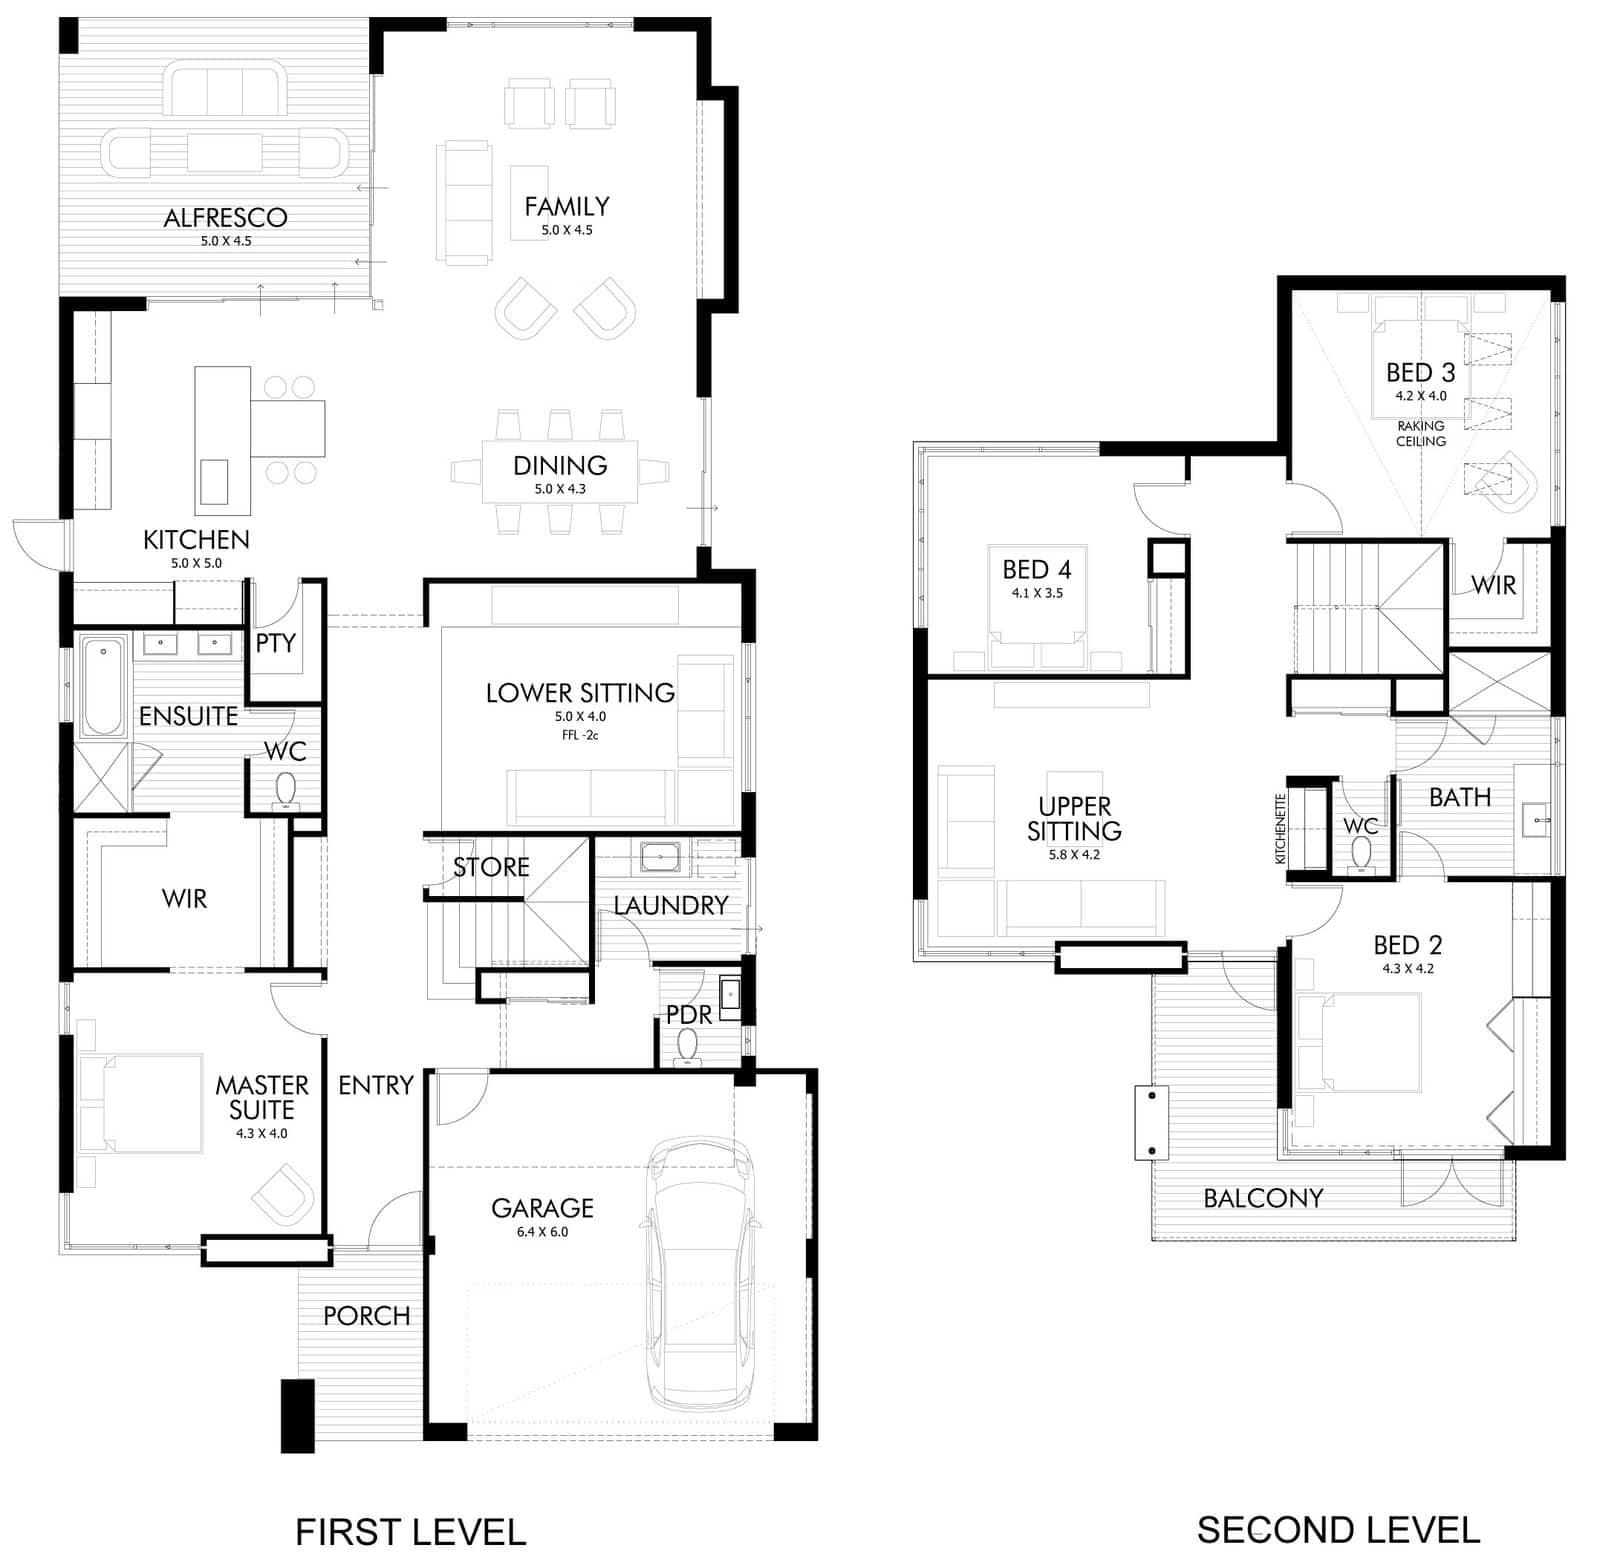 Dise o de casa moderna de dos pisos fachada e interiores for Planos de casas de 2 pisos